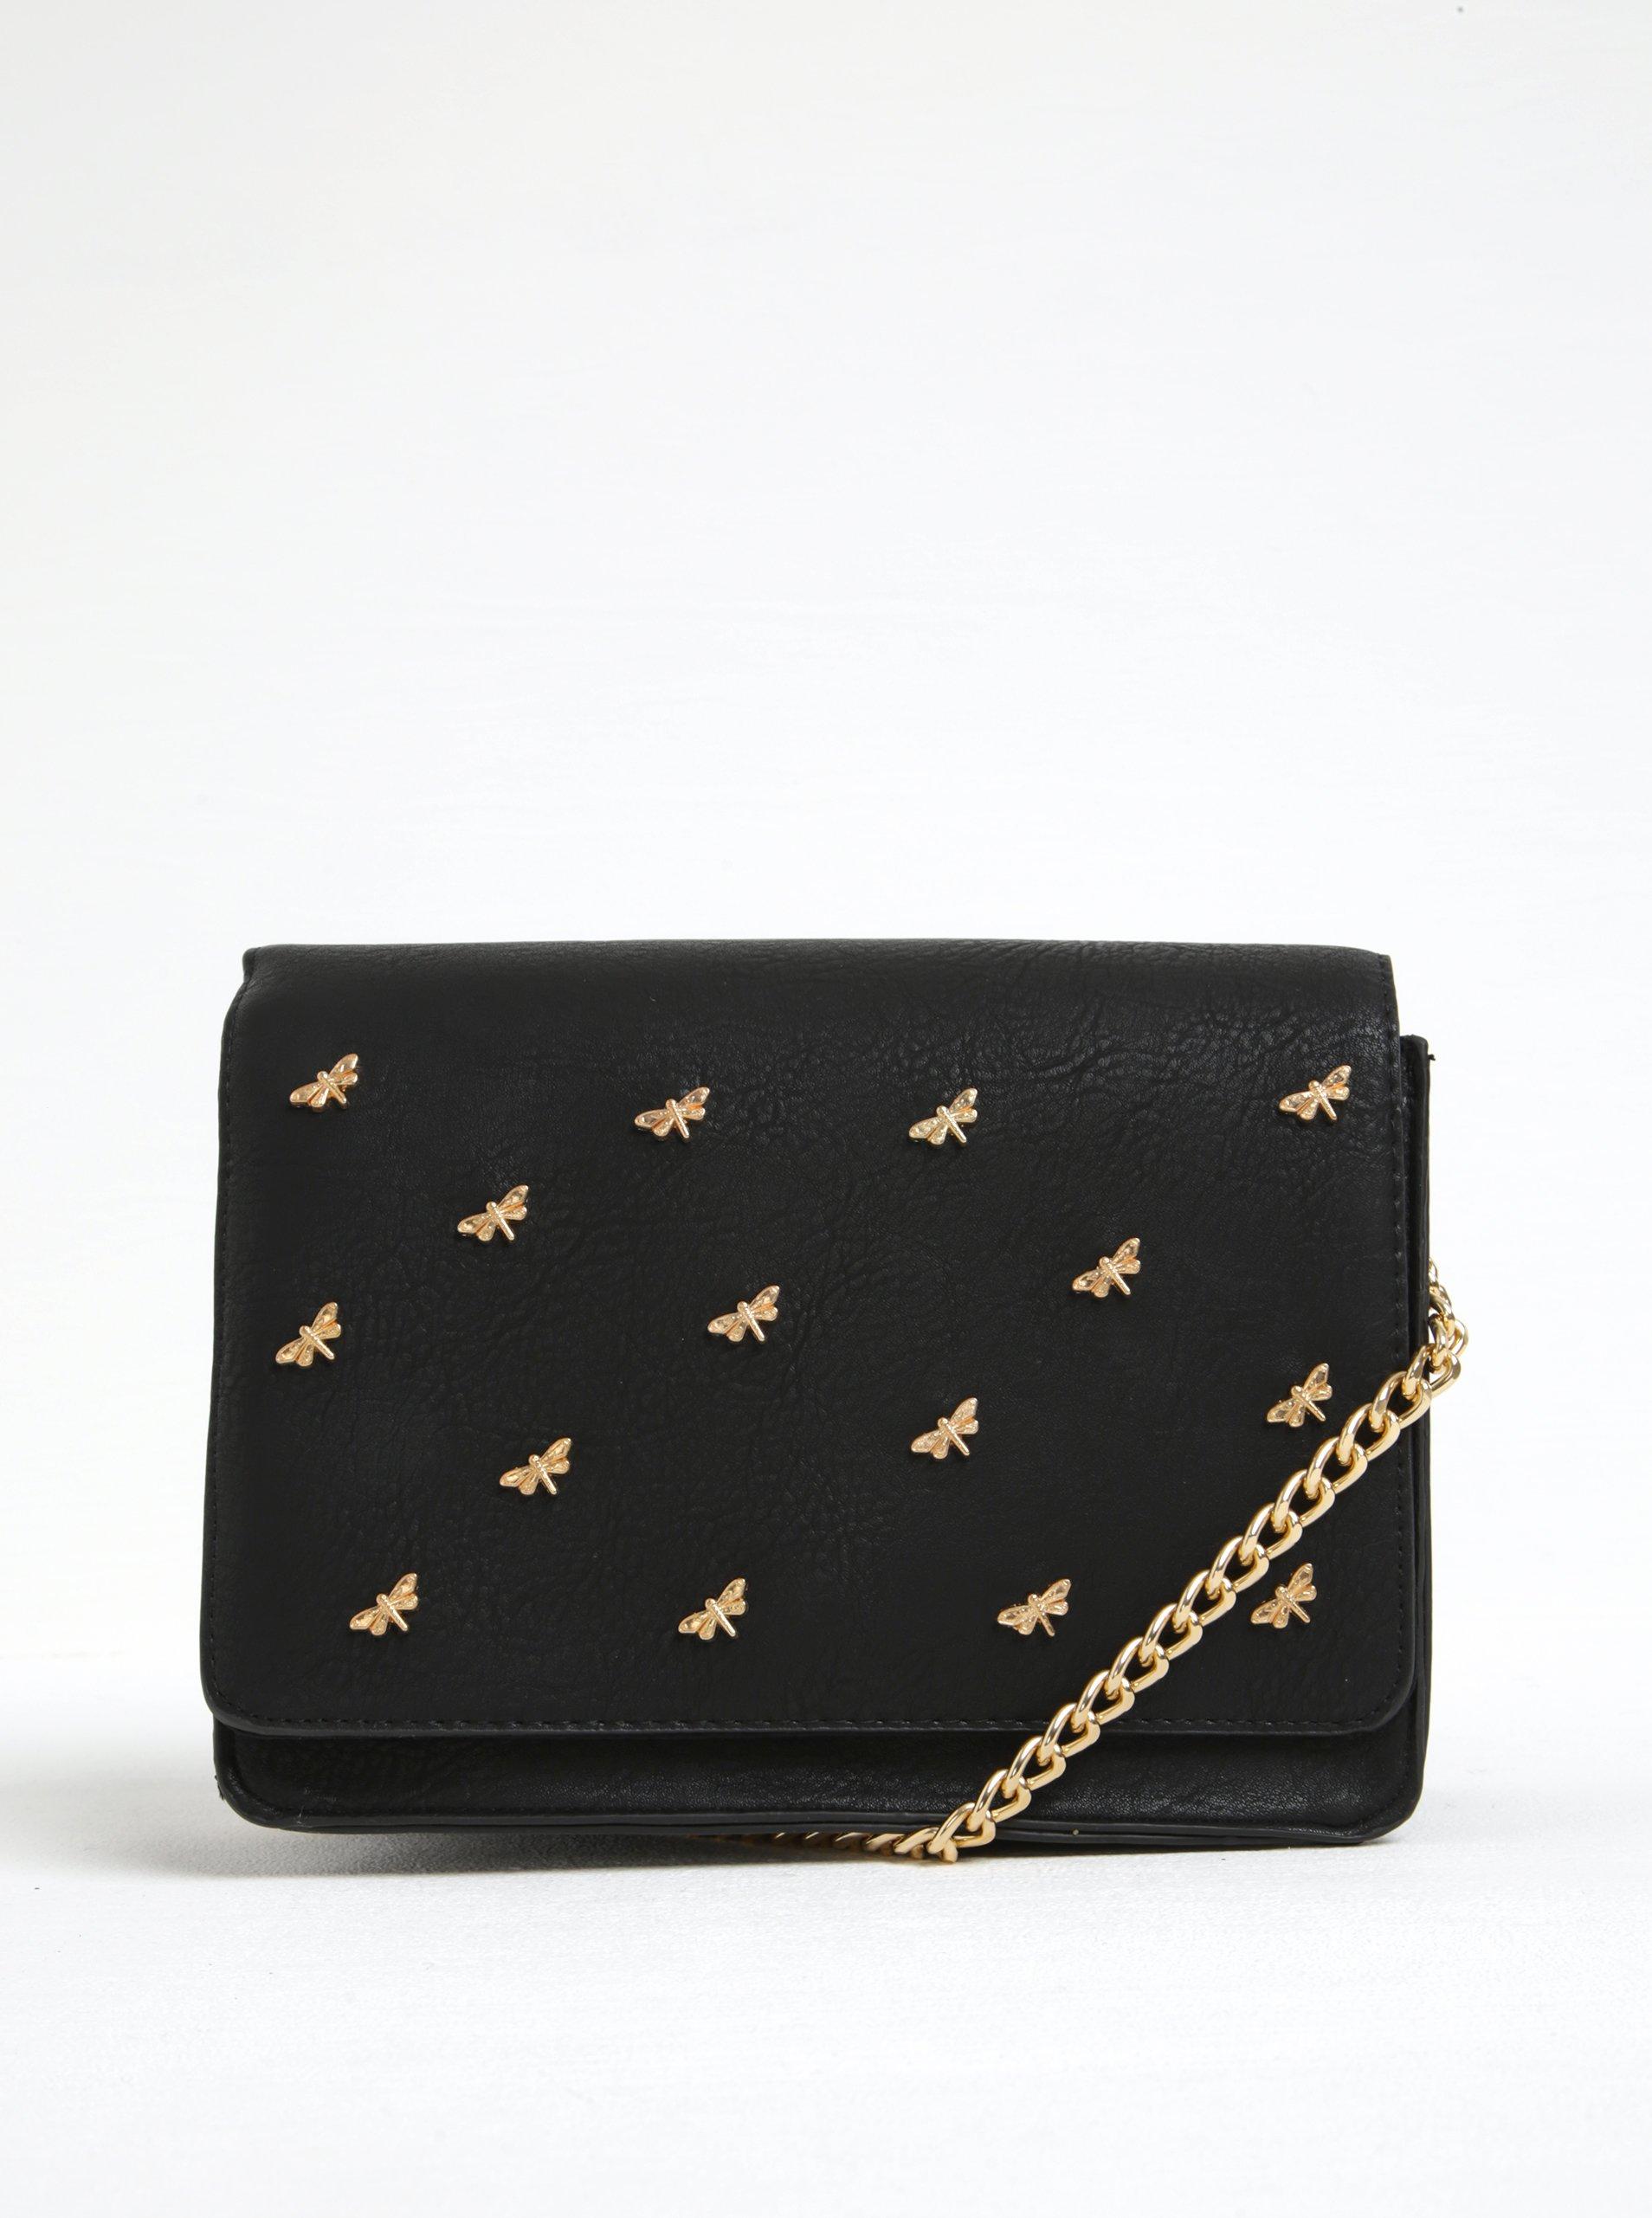 Černá crossbody kabelka s aplikací ve zlaté barvě VERO MODA Bia